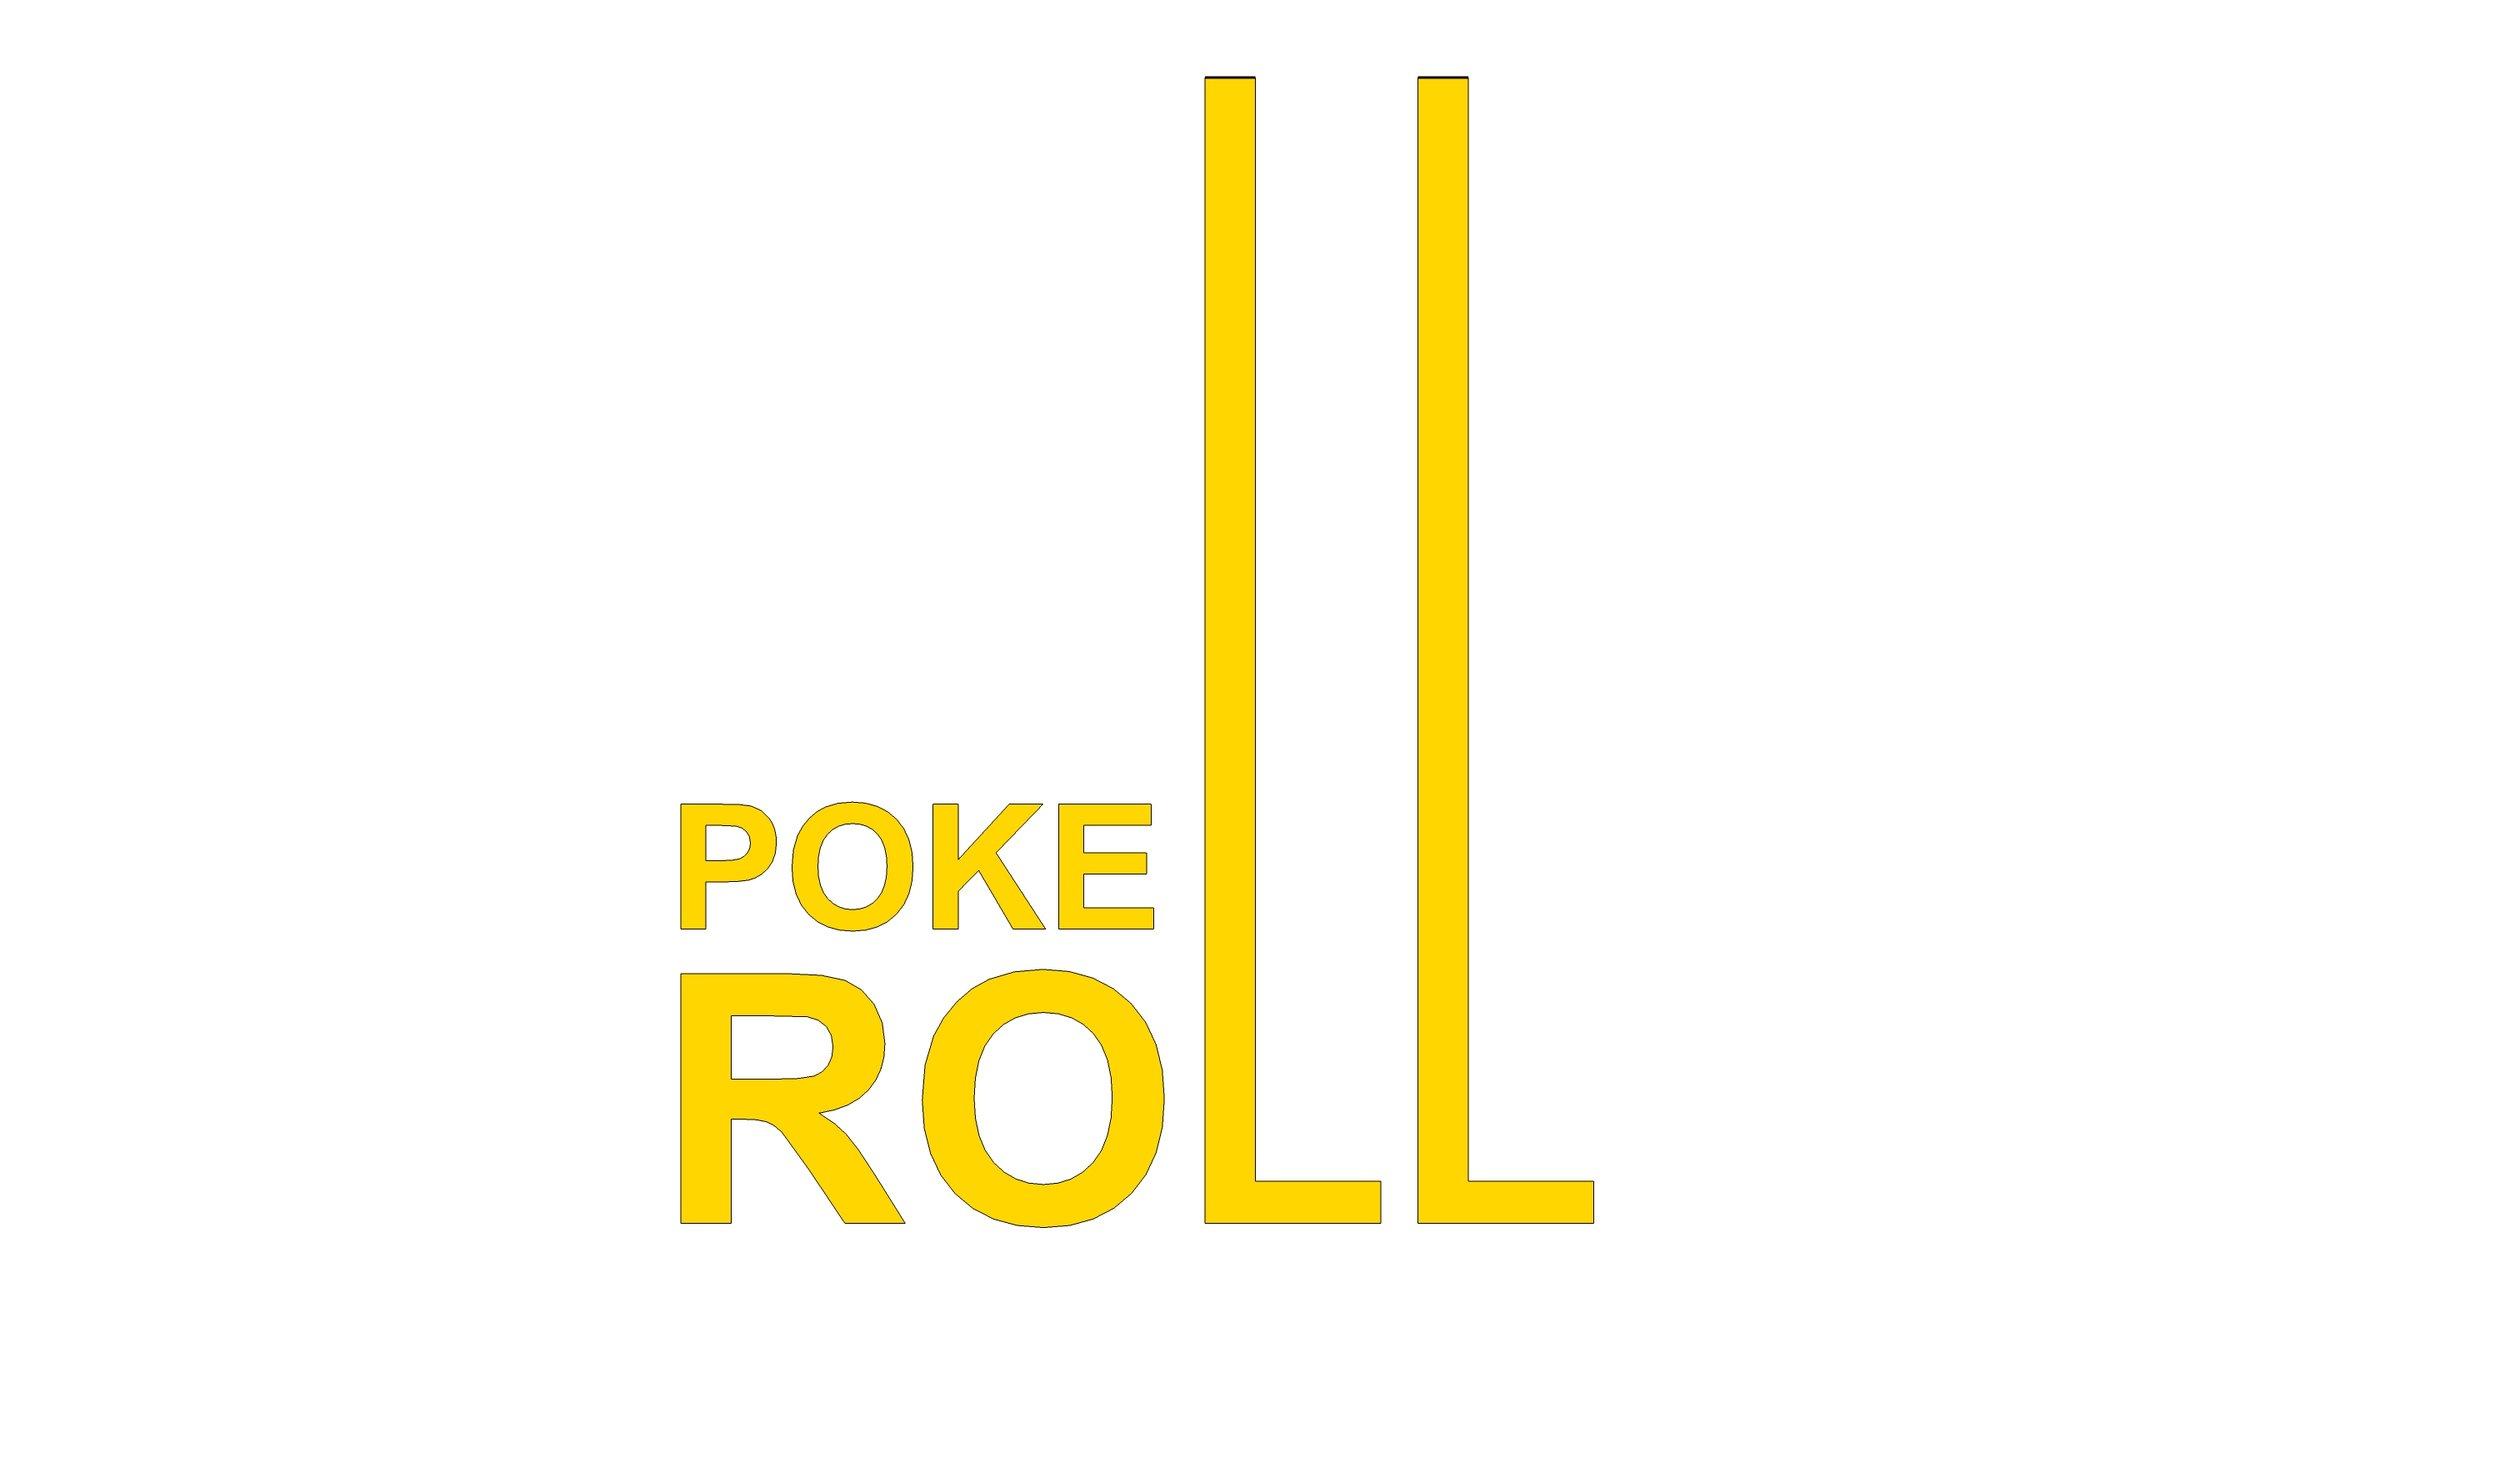 PokeRoll_PreliminaryConcept_TempLogo.jpg